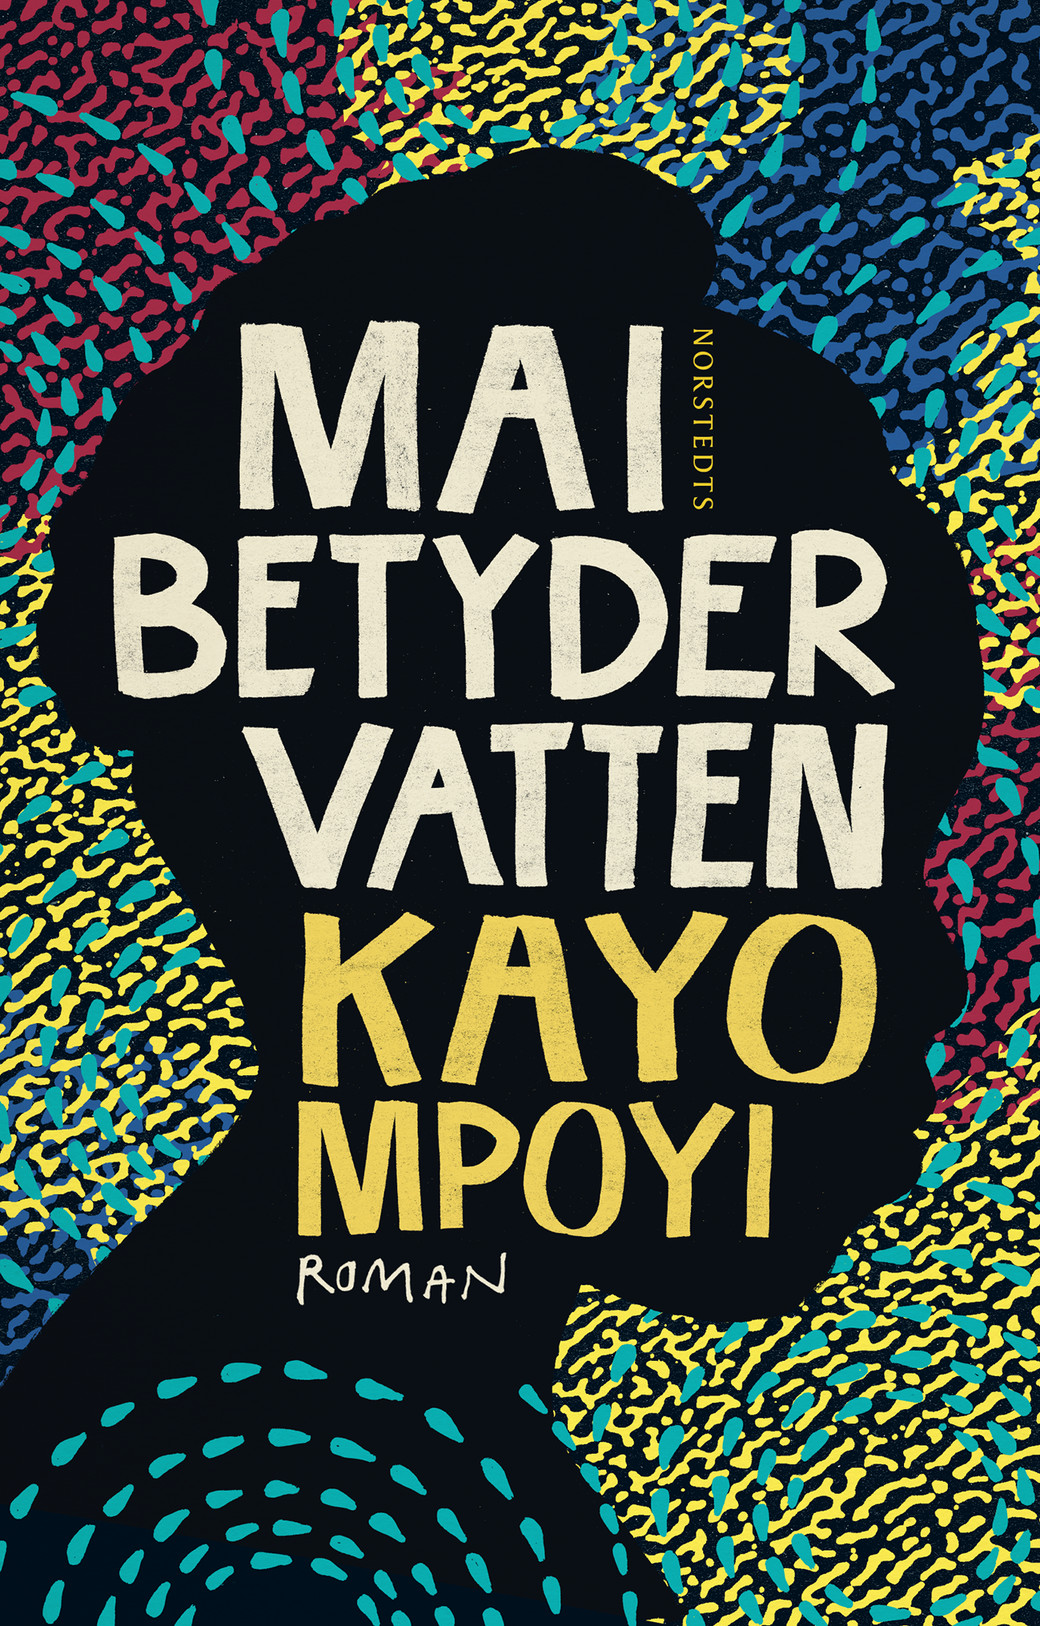 … slukar jag romanen som om den vore skriven av en etablerad författare, med flera verk bakom sig… Glimrande debut - Lina Kalmteg SvD